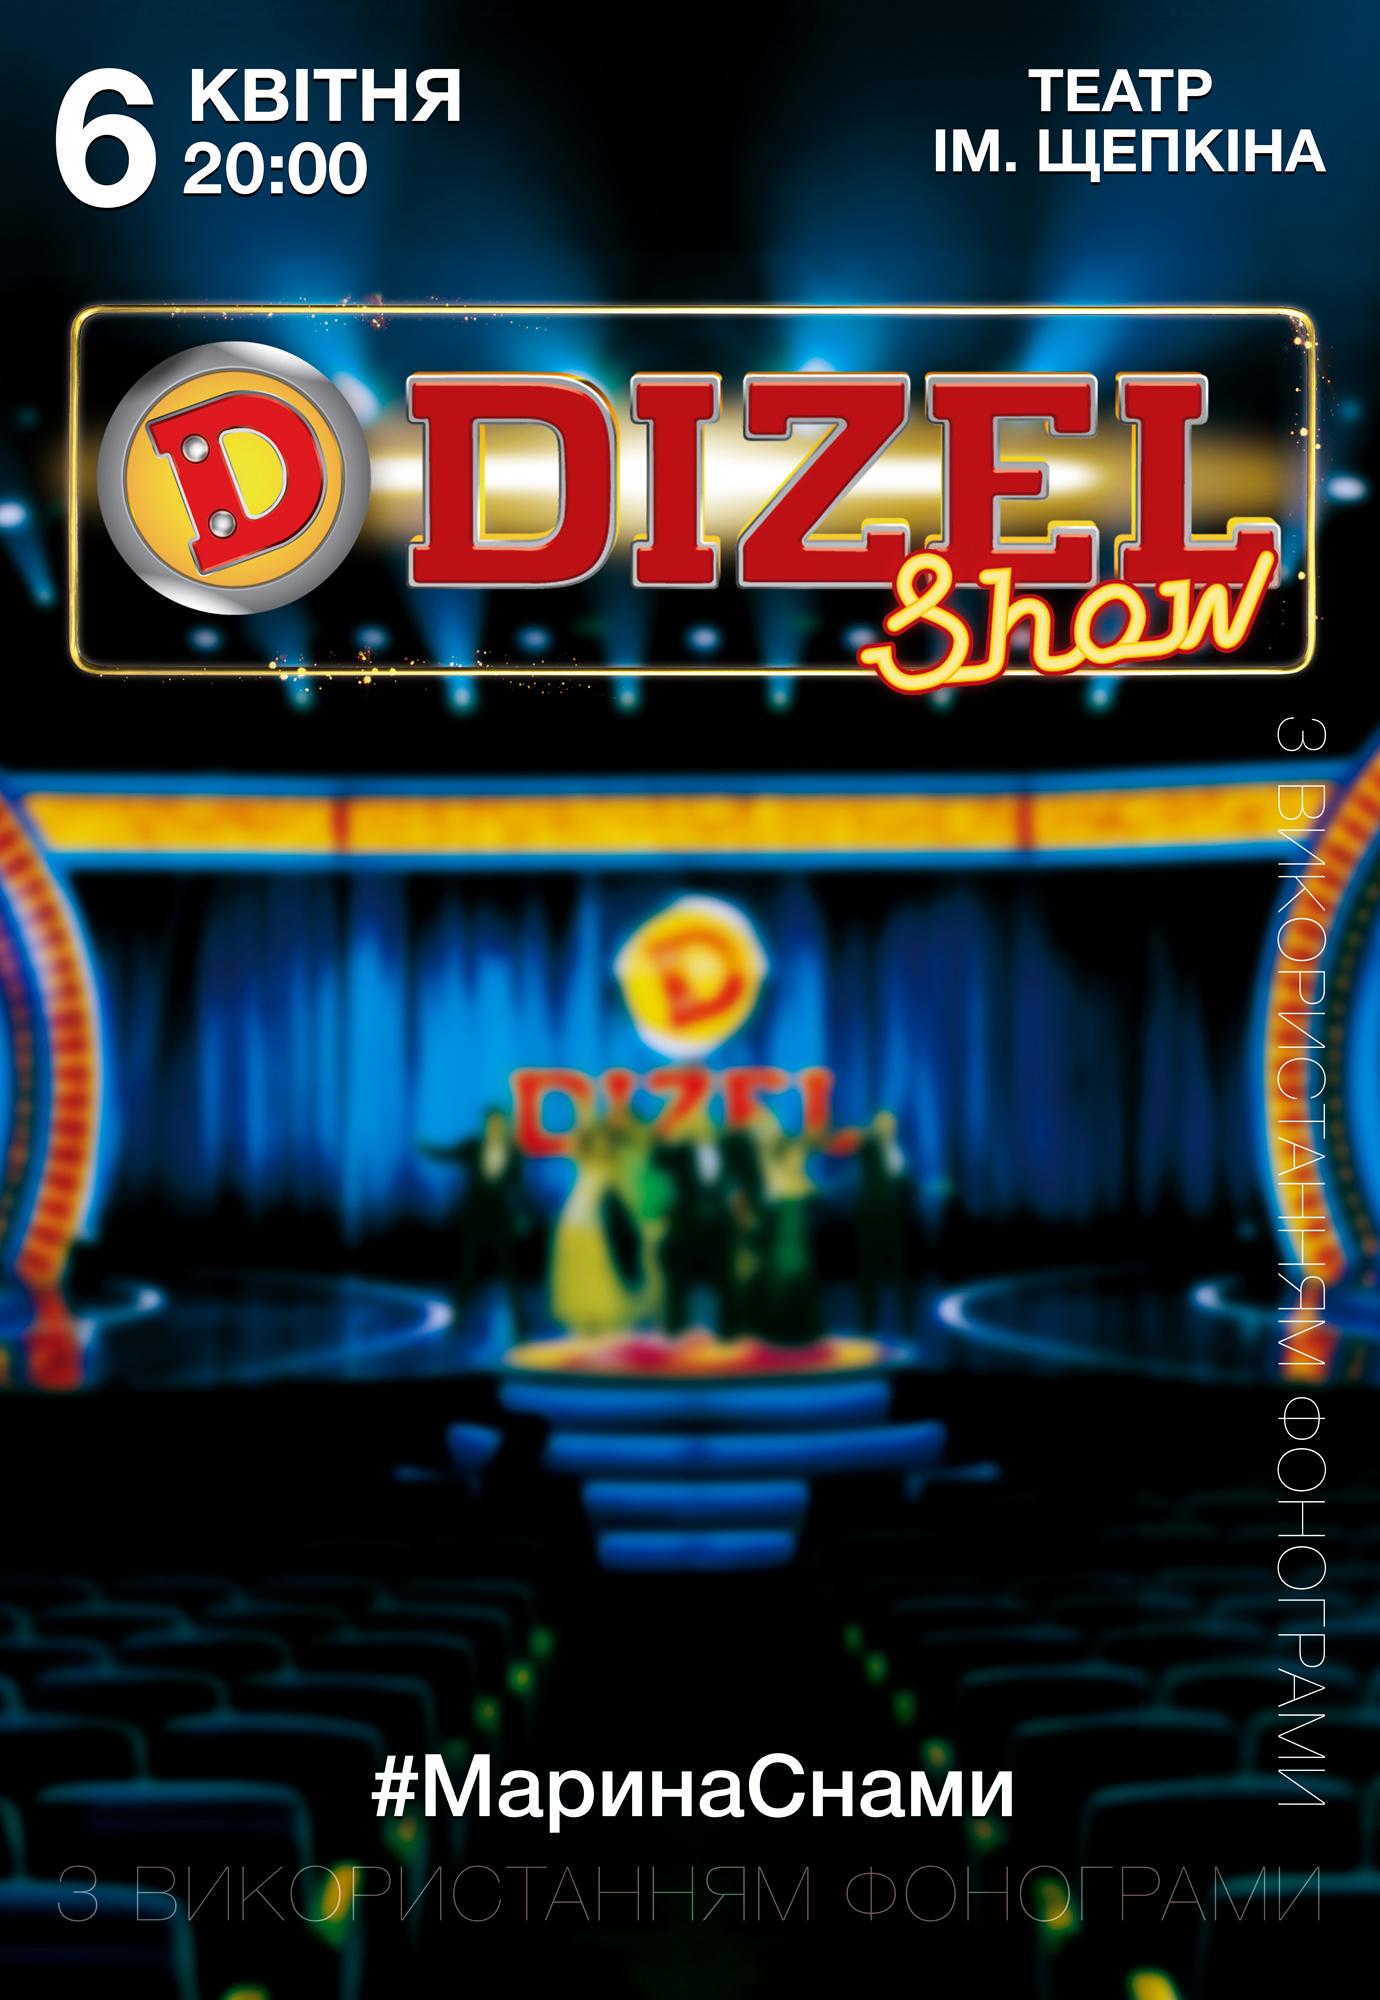 Купить билеты дизель шоу сумы билеты в театр контрабас